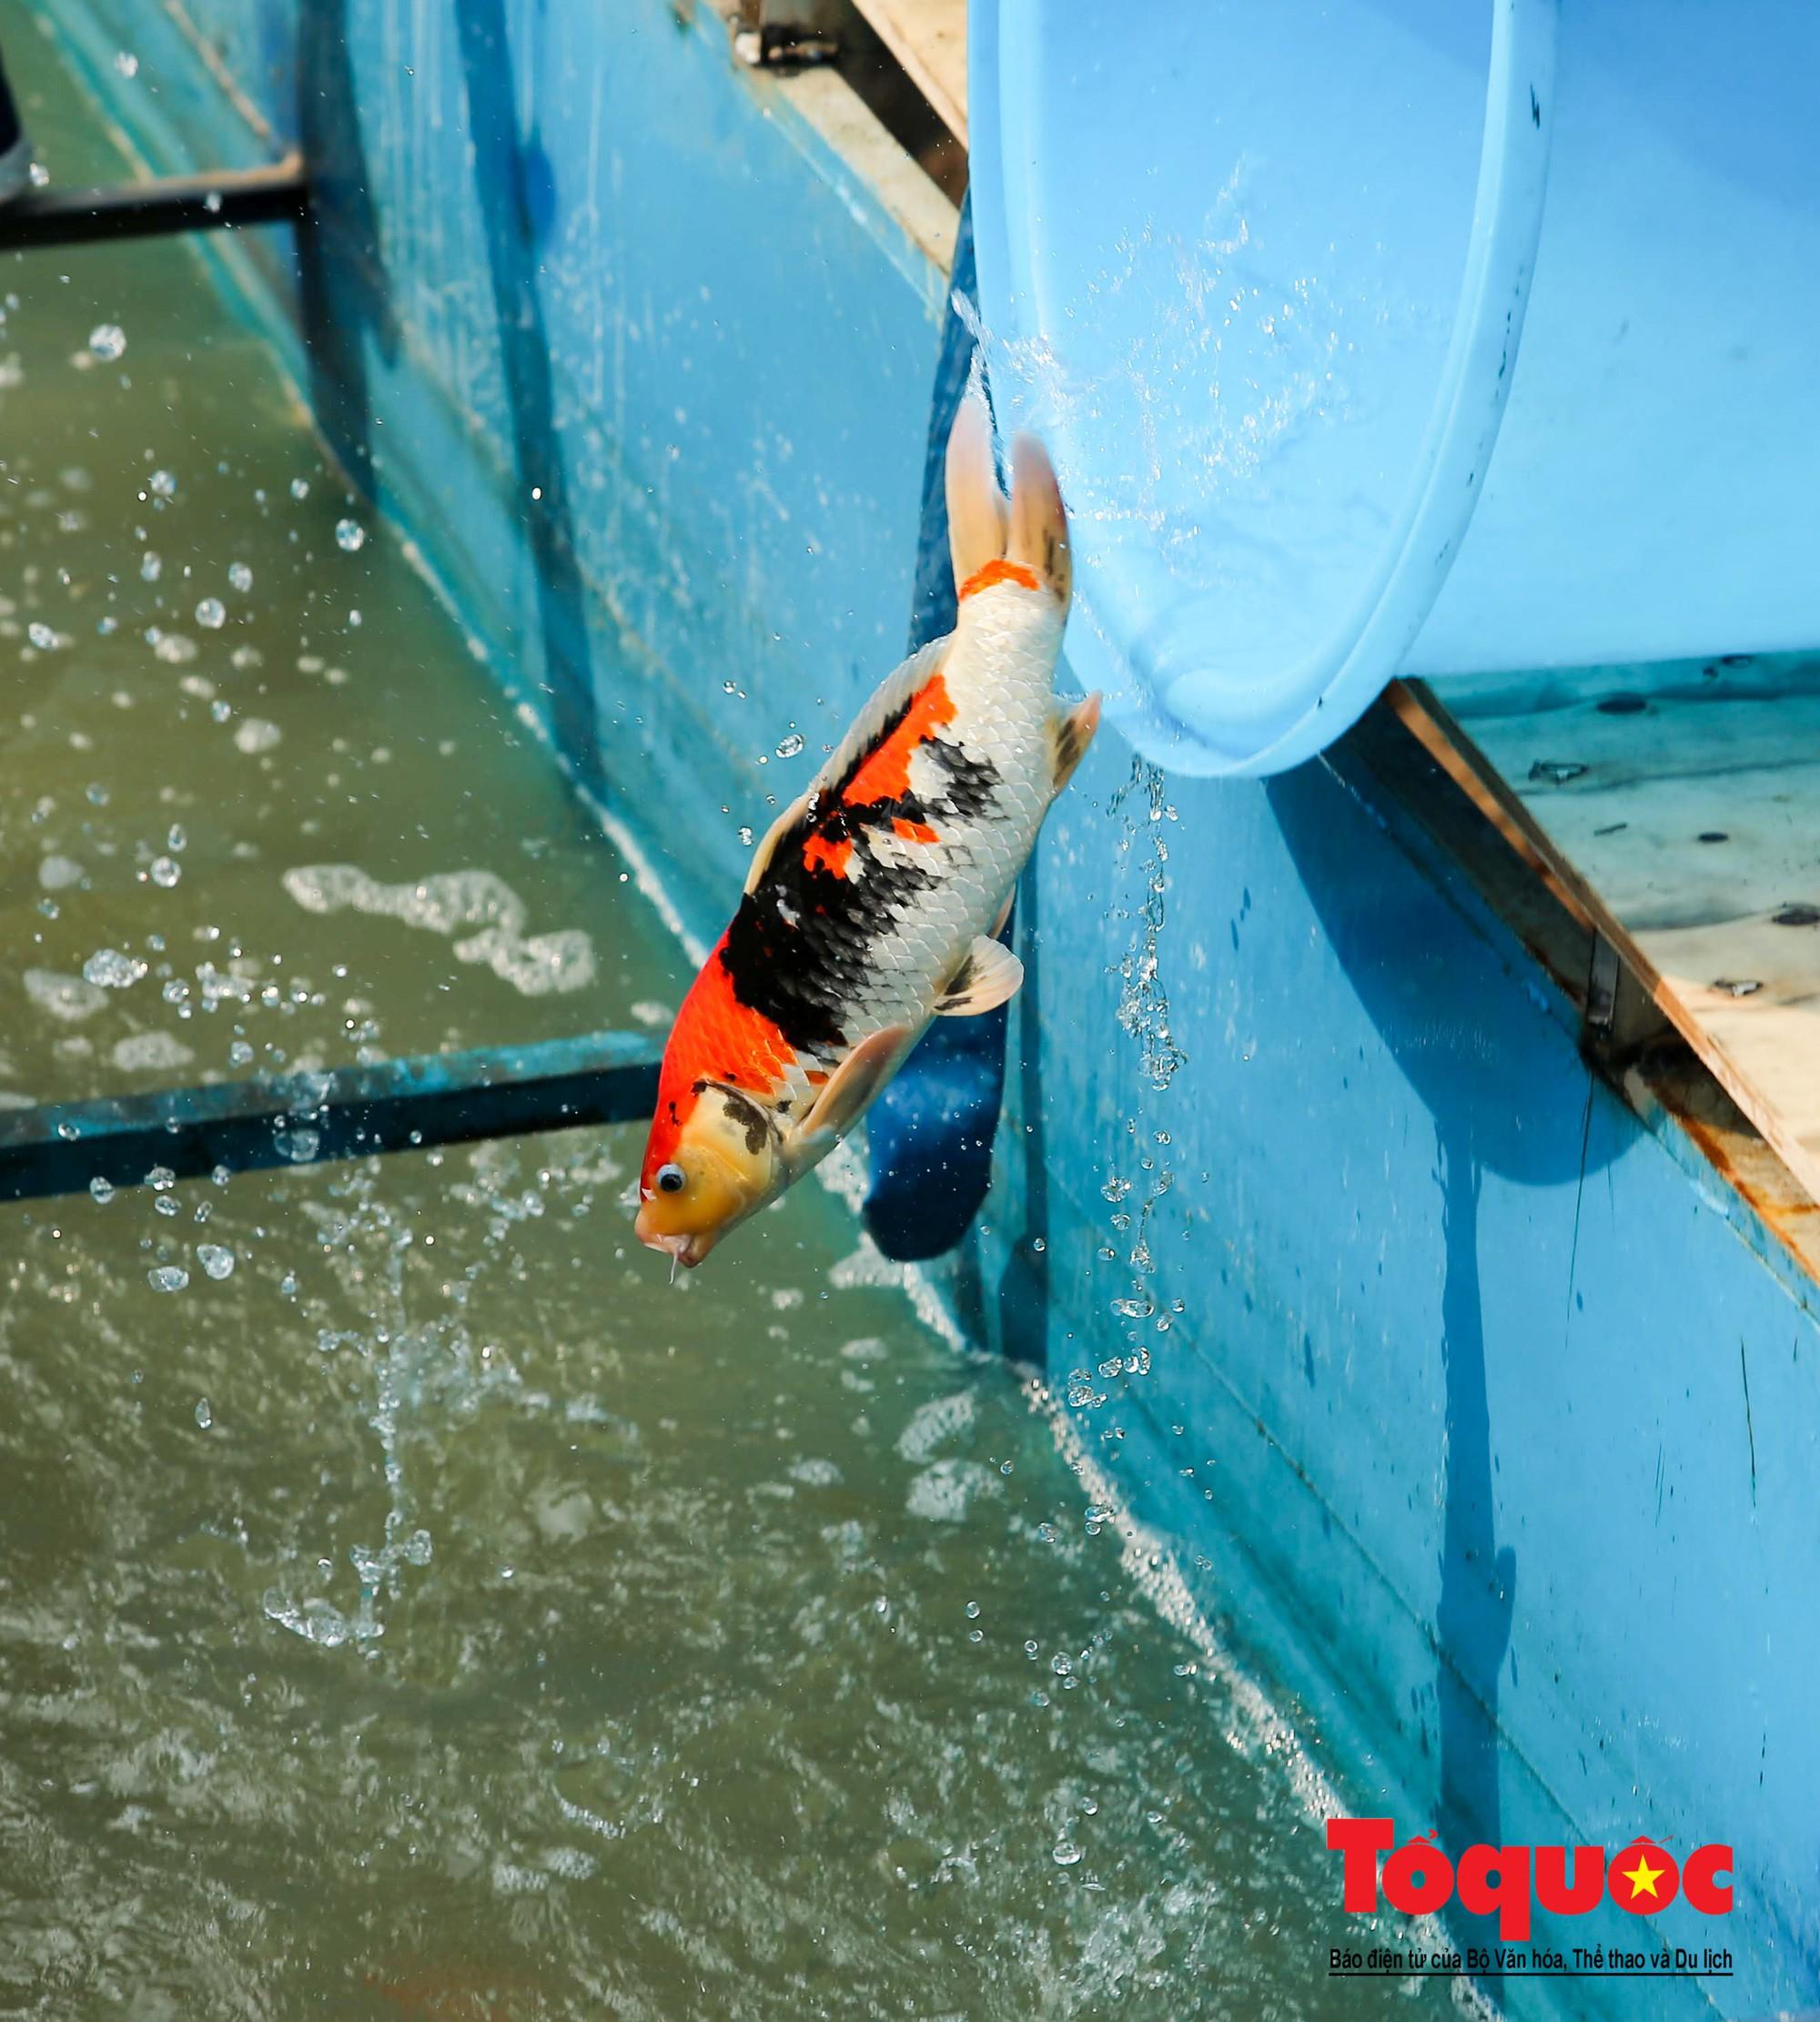 Hà Nội Thả thử nghiệm gần 100 con cá Koi Nhật Bản xuống sông tô lịch và Hồ Tây (4)